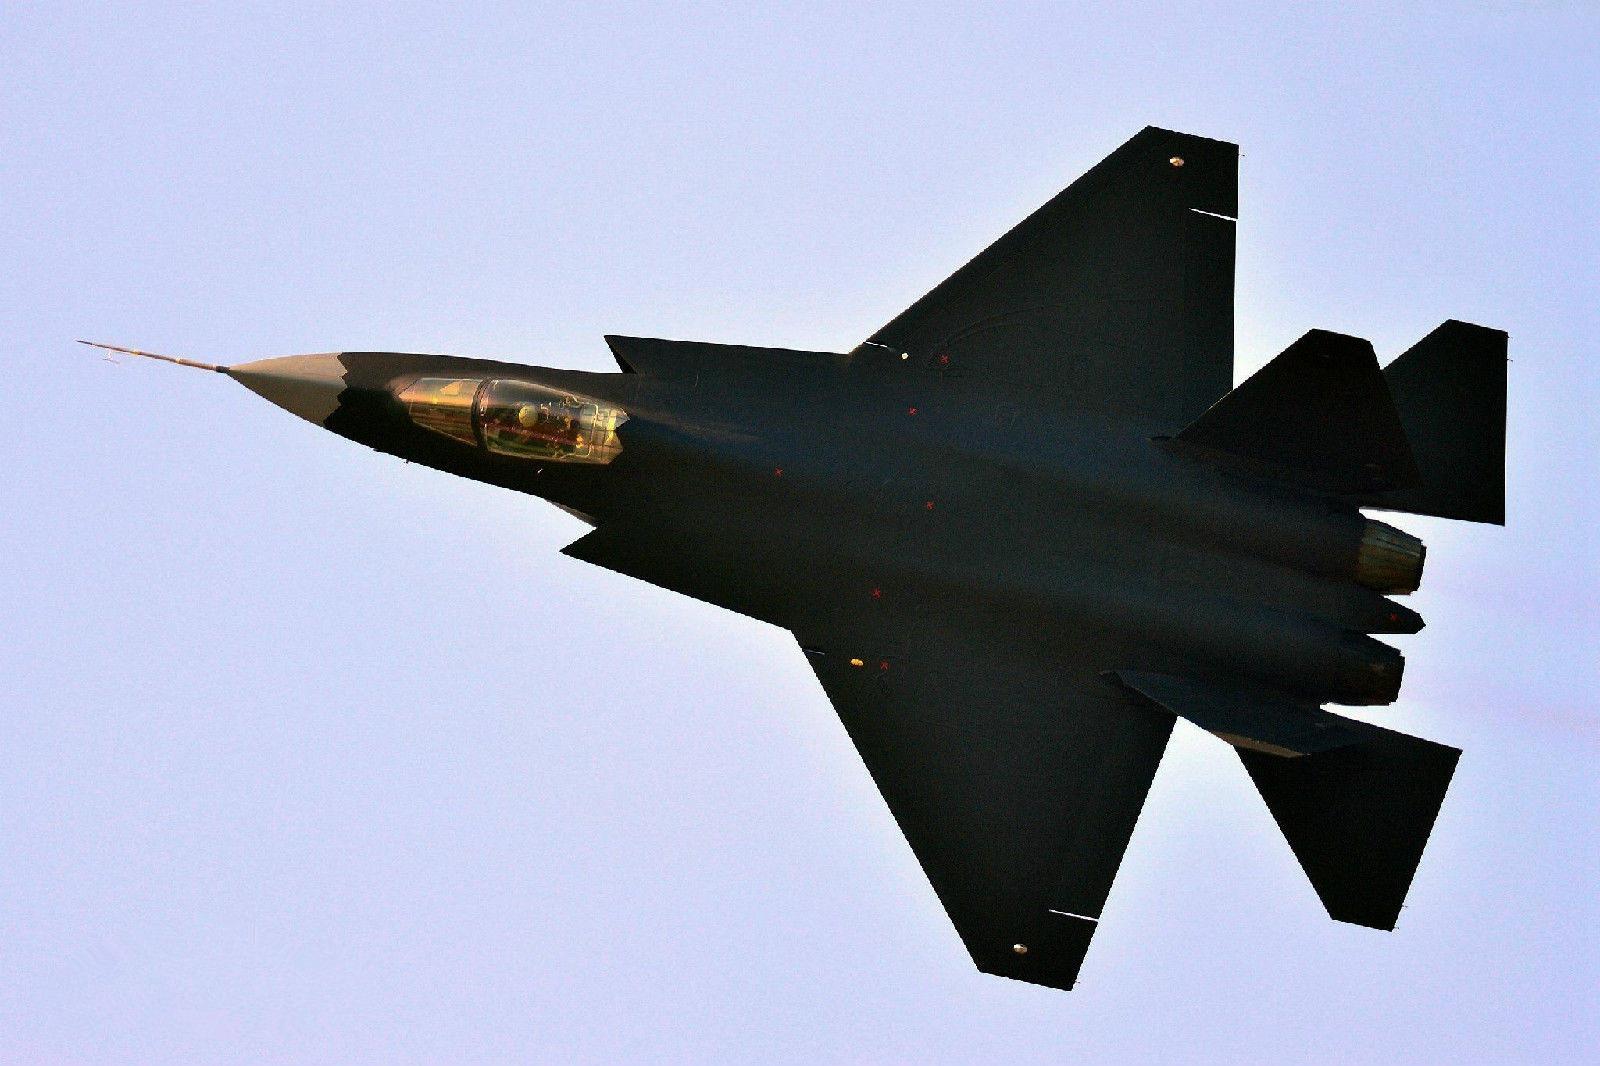 土耳其五代機現身航展,外觀酷似殲31,巴基斯坦或大批量進口